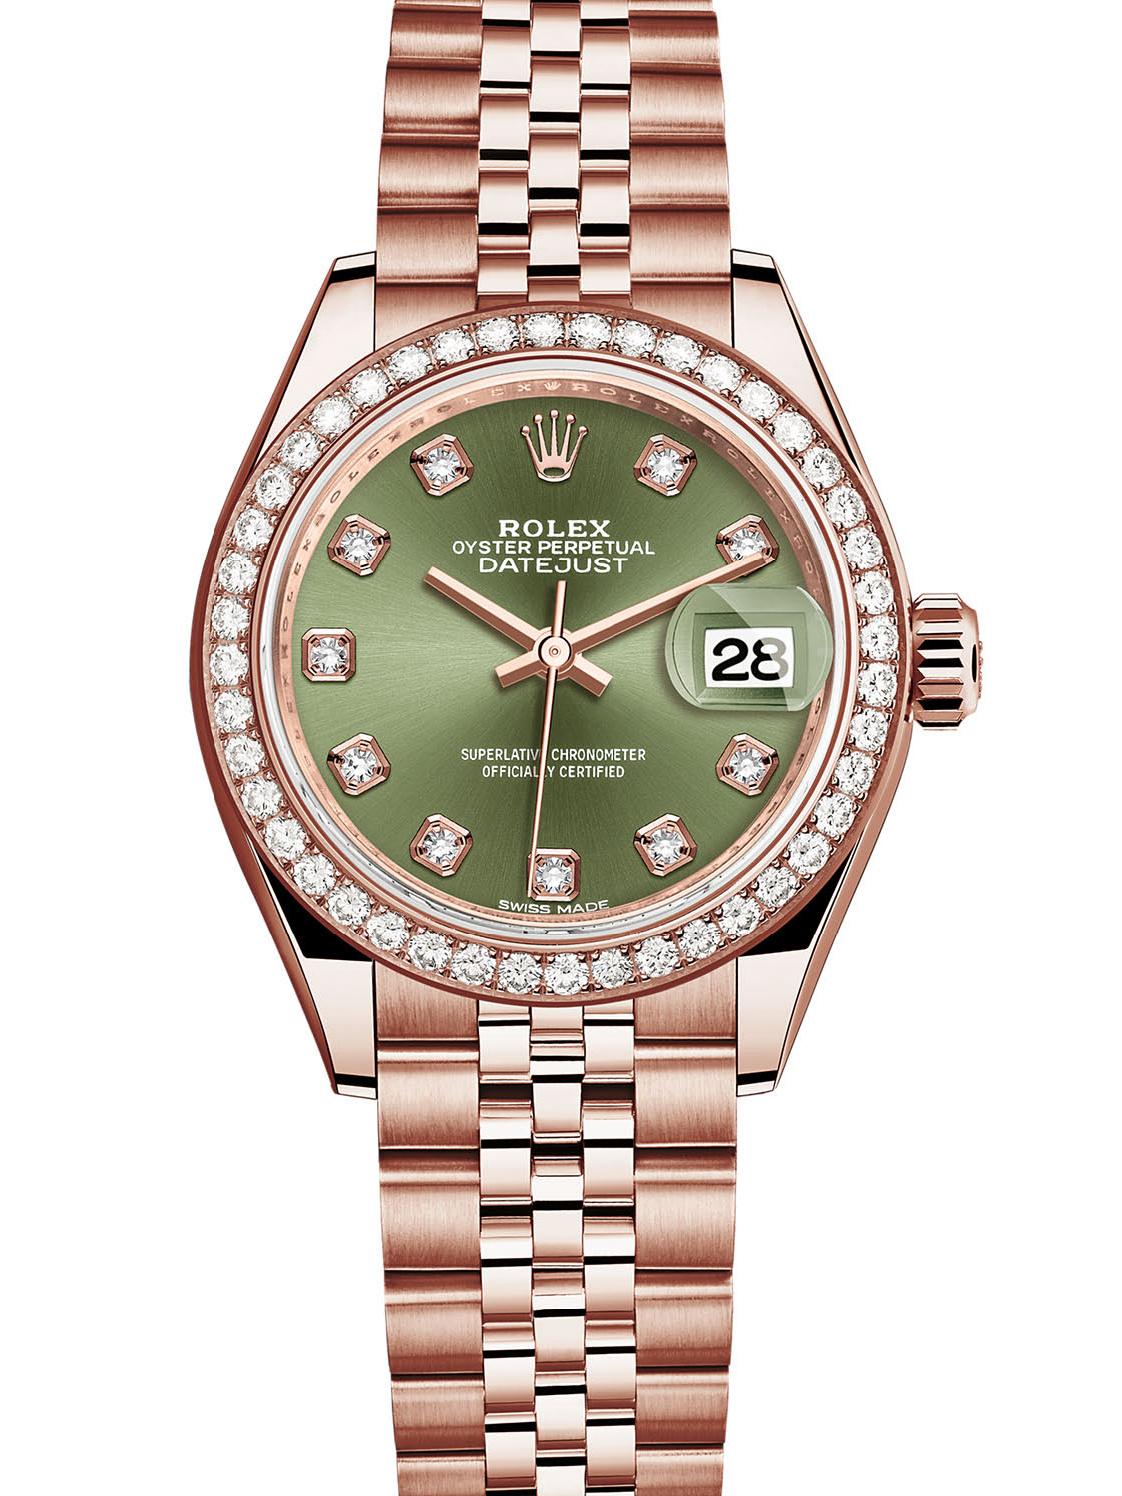 劳力士女装日志型28玫瑰金钻圈绿面钻标女表279135RBR-0015